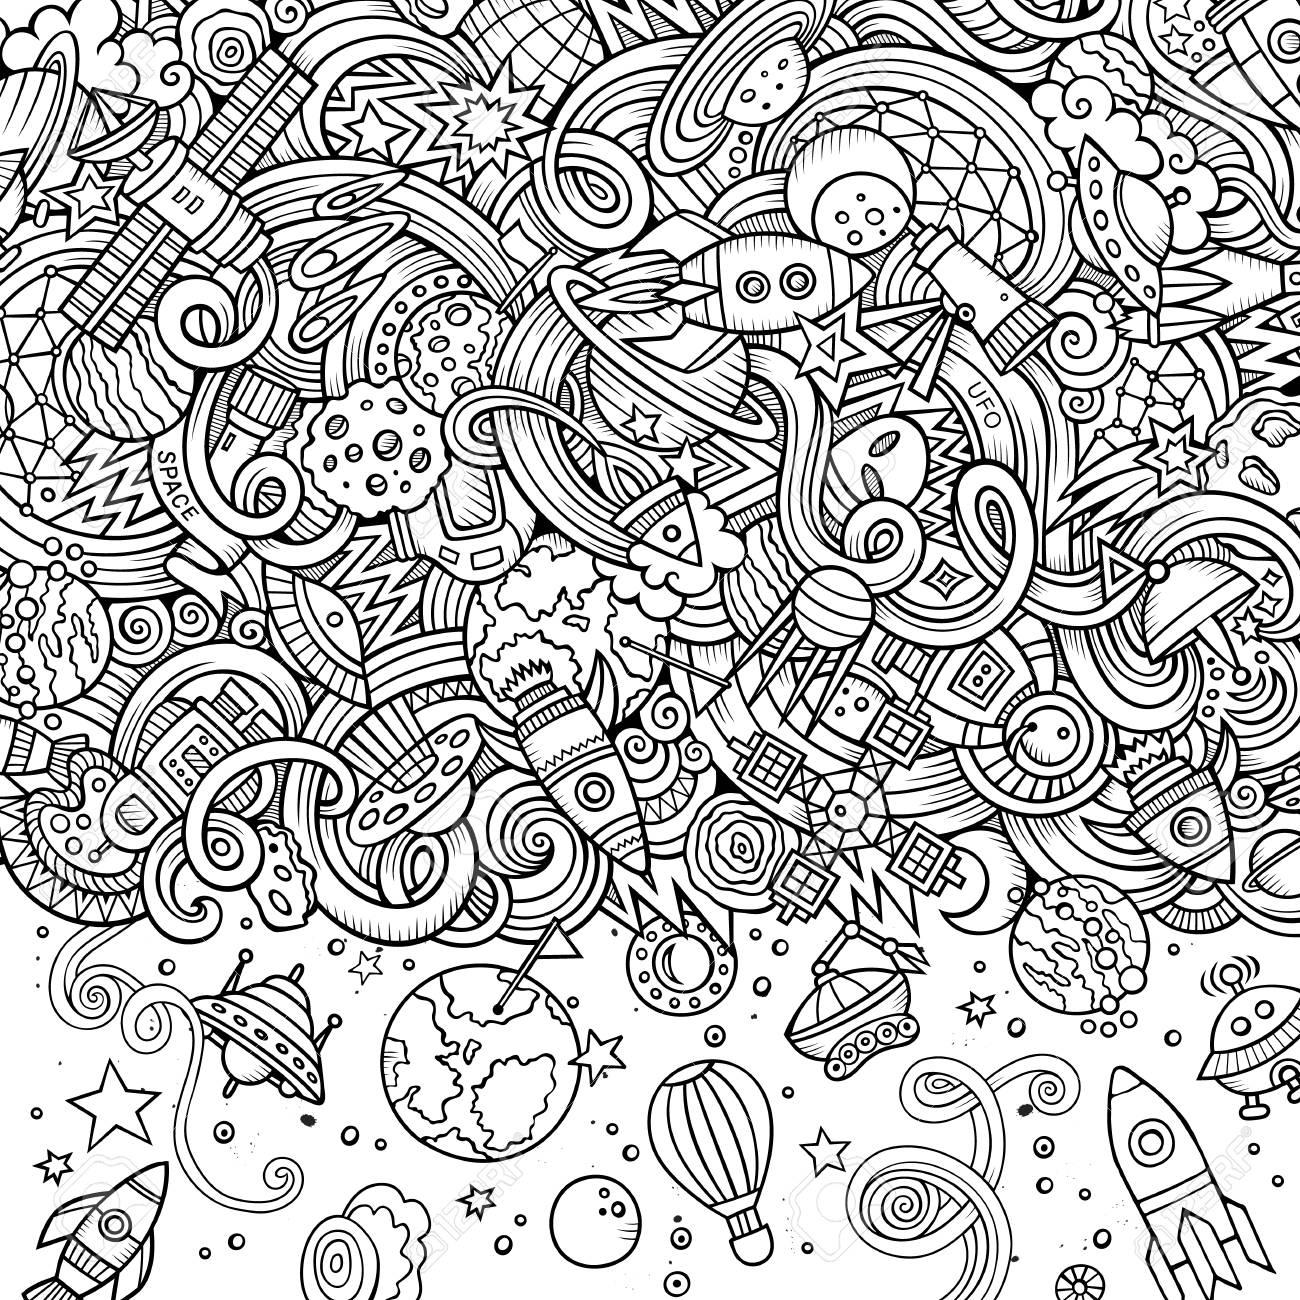 Dessin Anime Mignon Doodles Illustration De L Espace Dessine A La